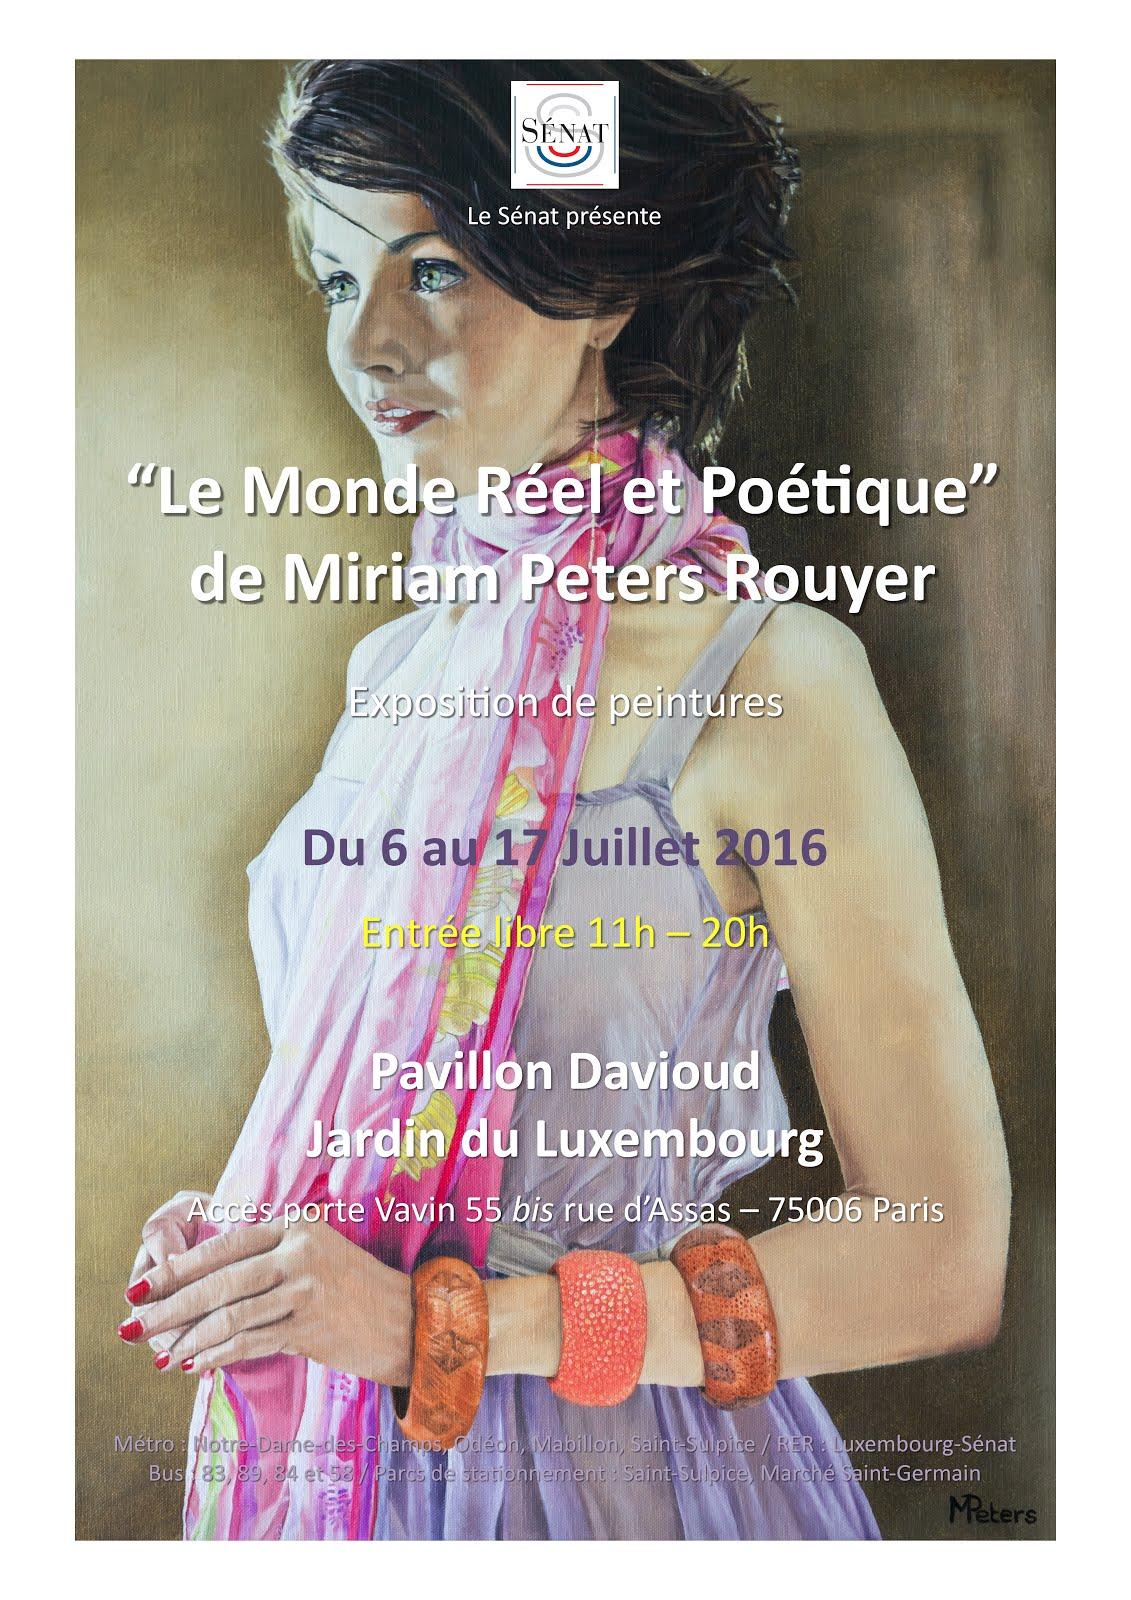 2ème expo au Jardin du Luxembourg Paris